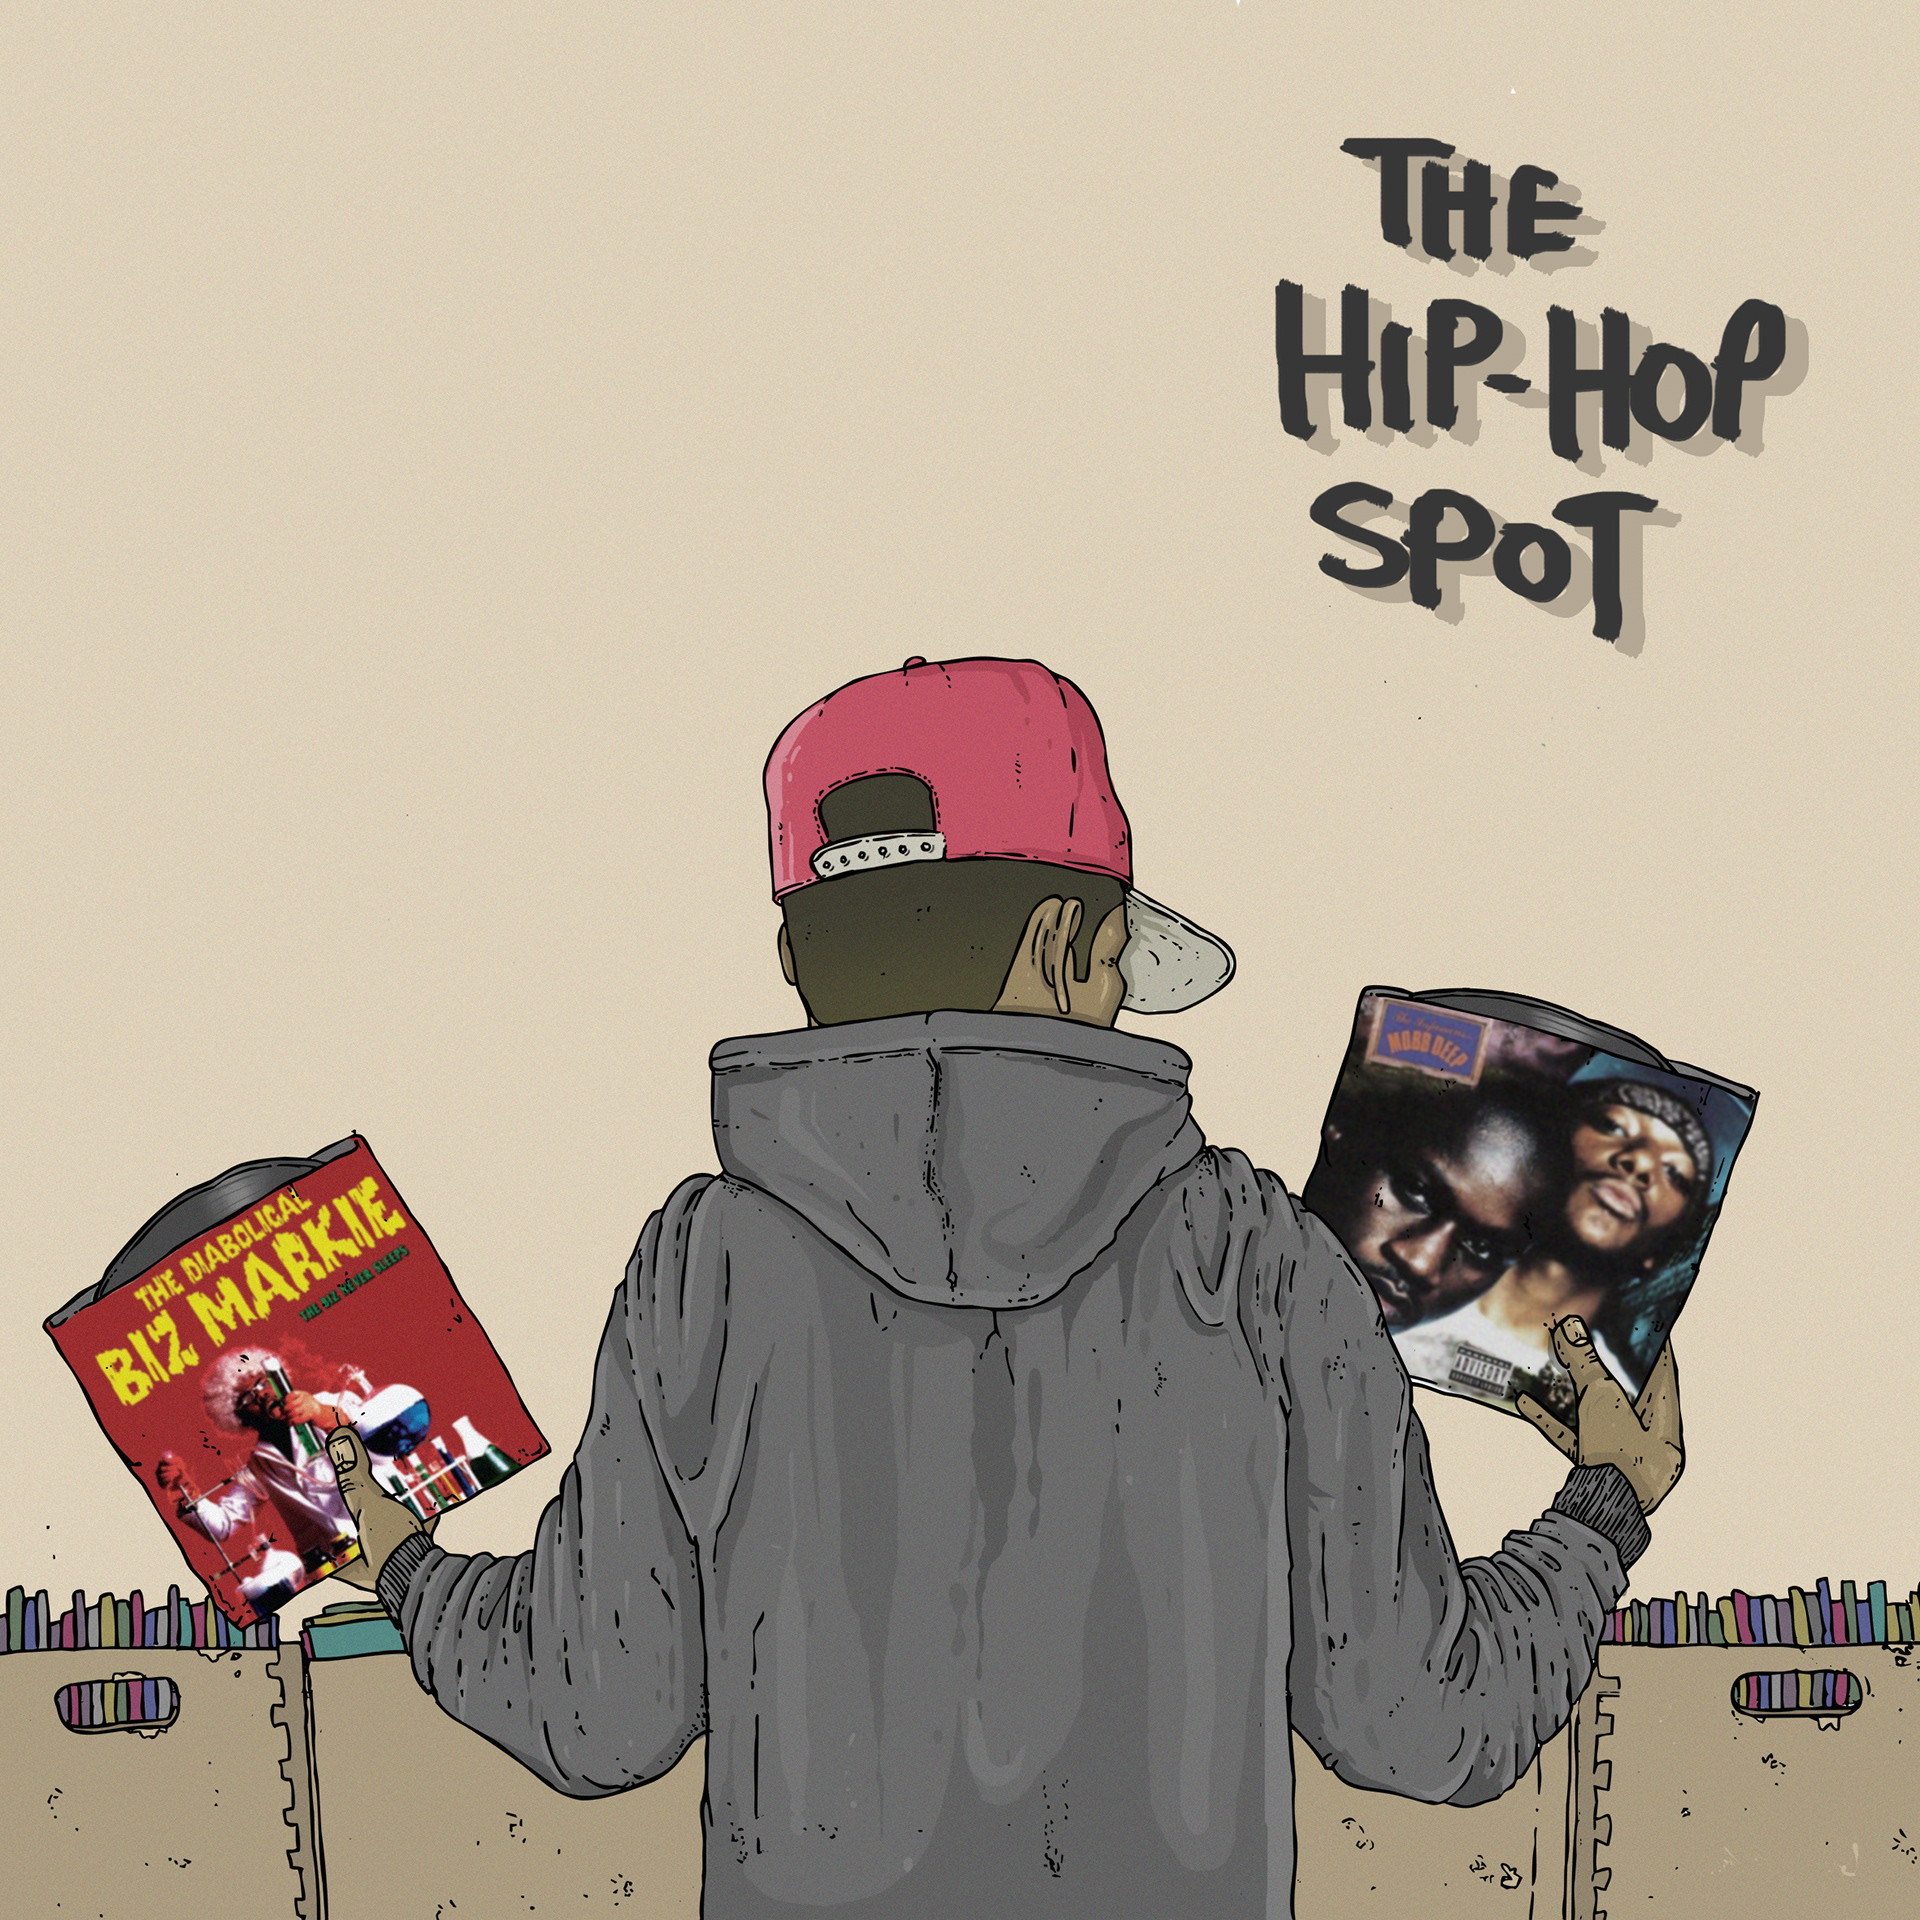 Jim Spendlove Hip Hop Artwork And Cover Art